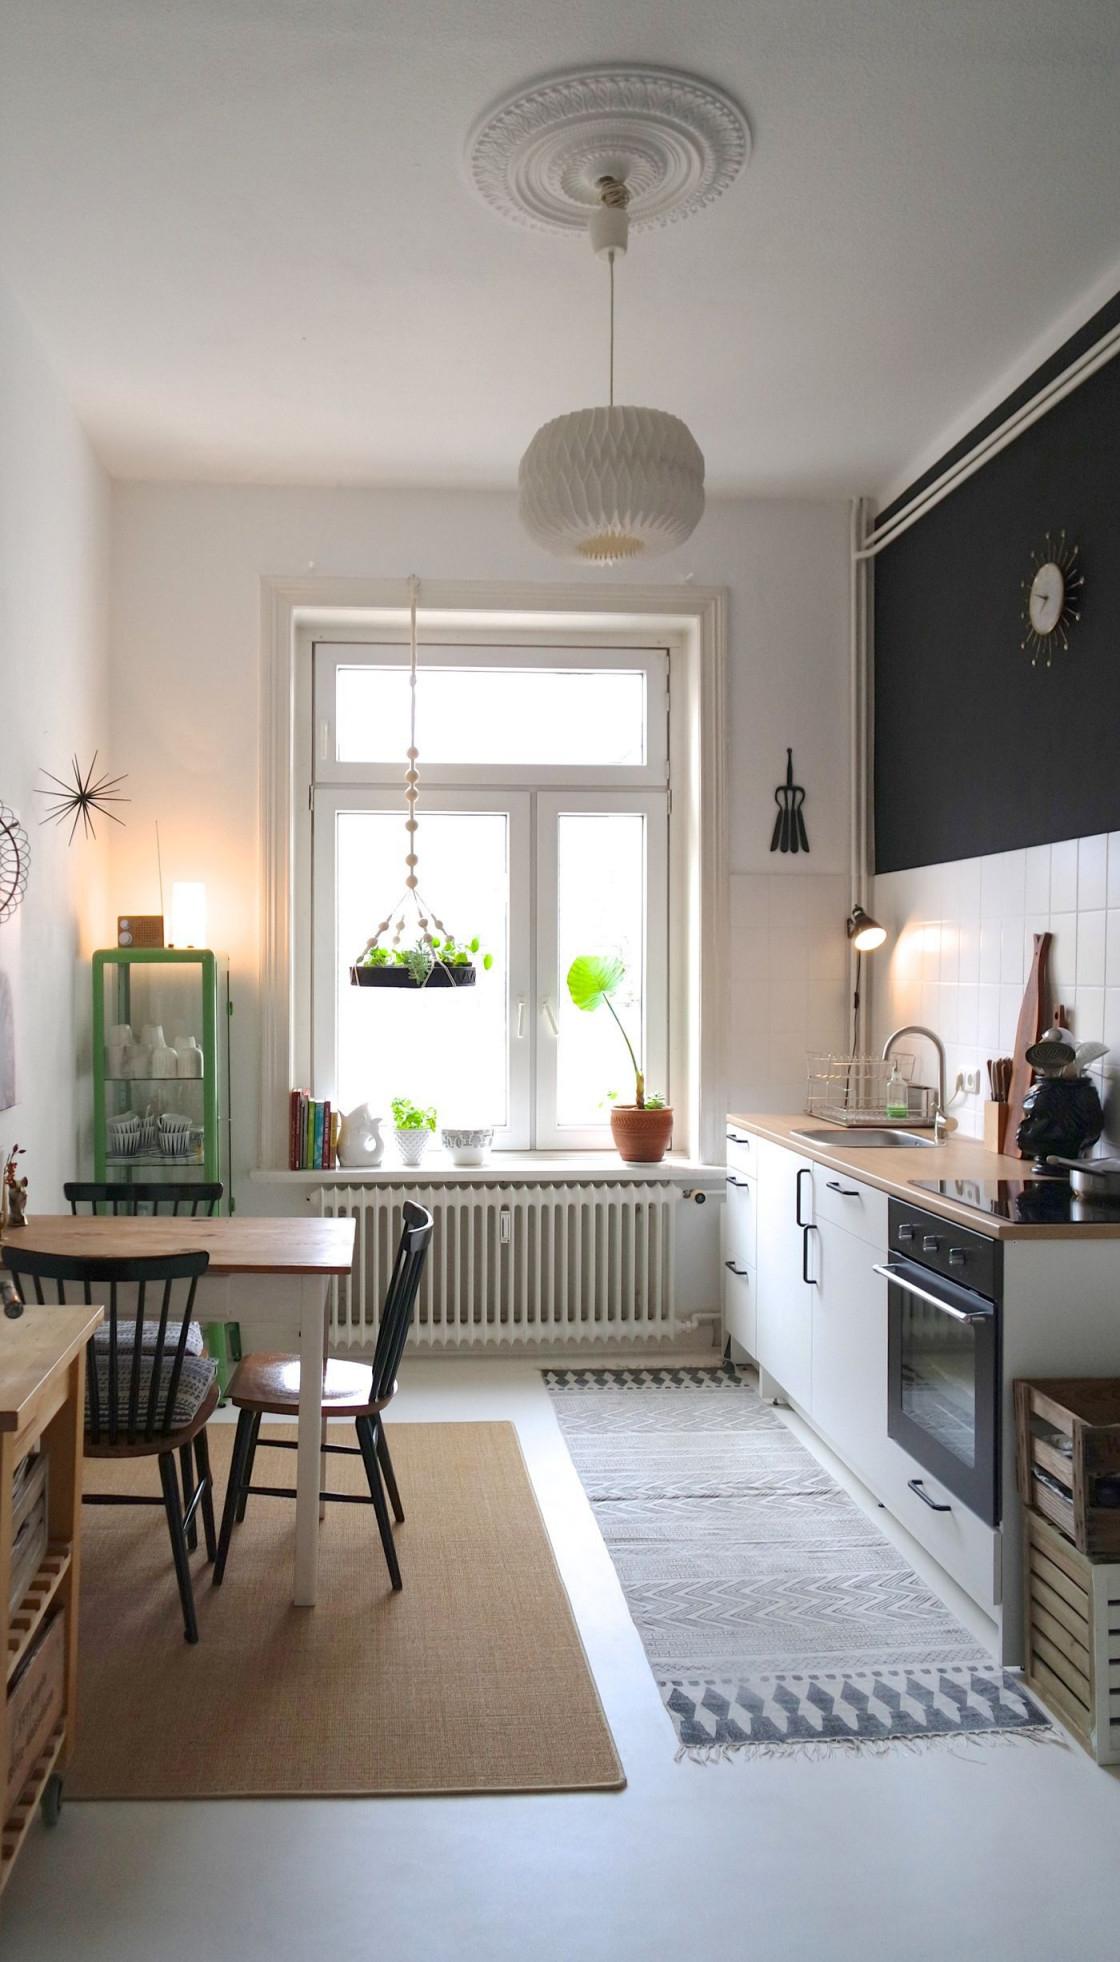 Altbauwohnung Einrichten Schöne Ideen Für Den Altbau von Altbau Wohnzimmer Einrichten Bild